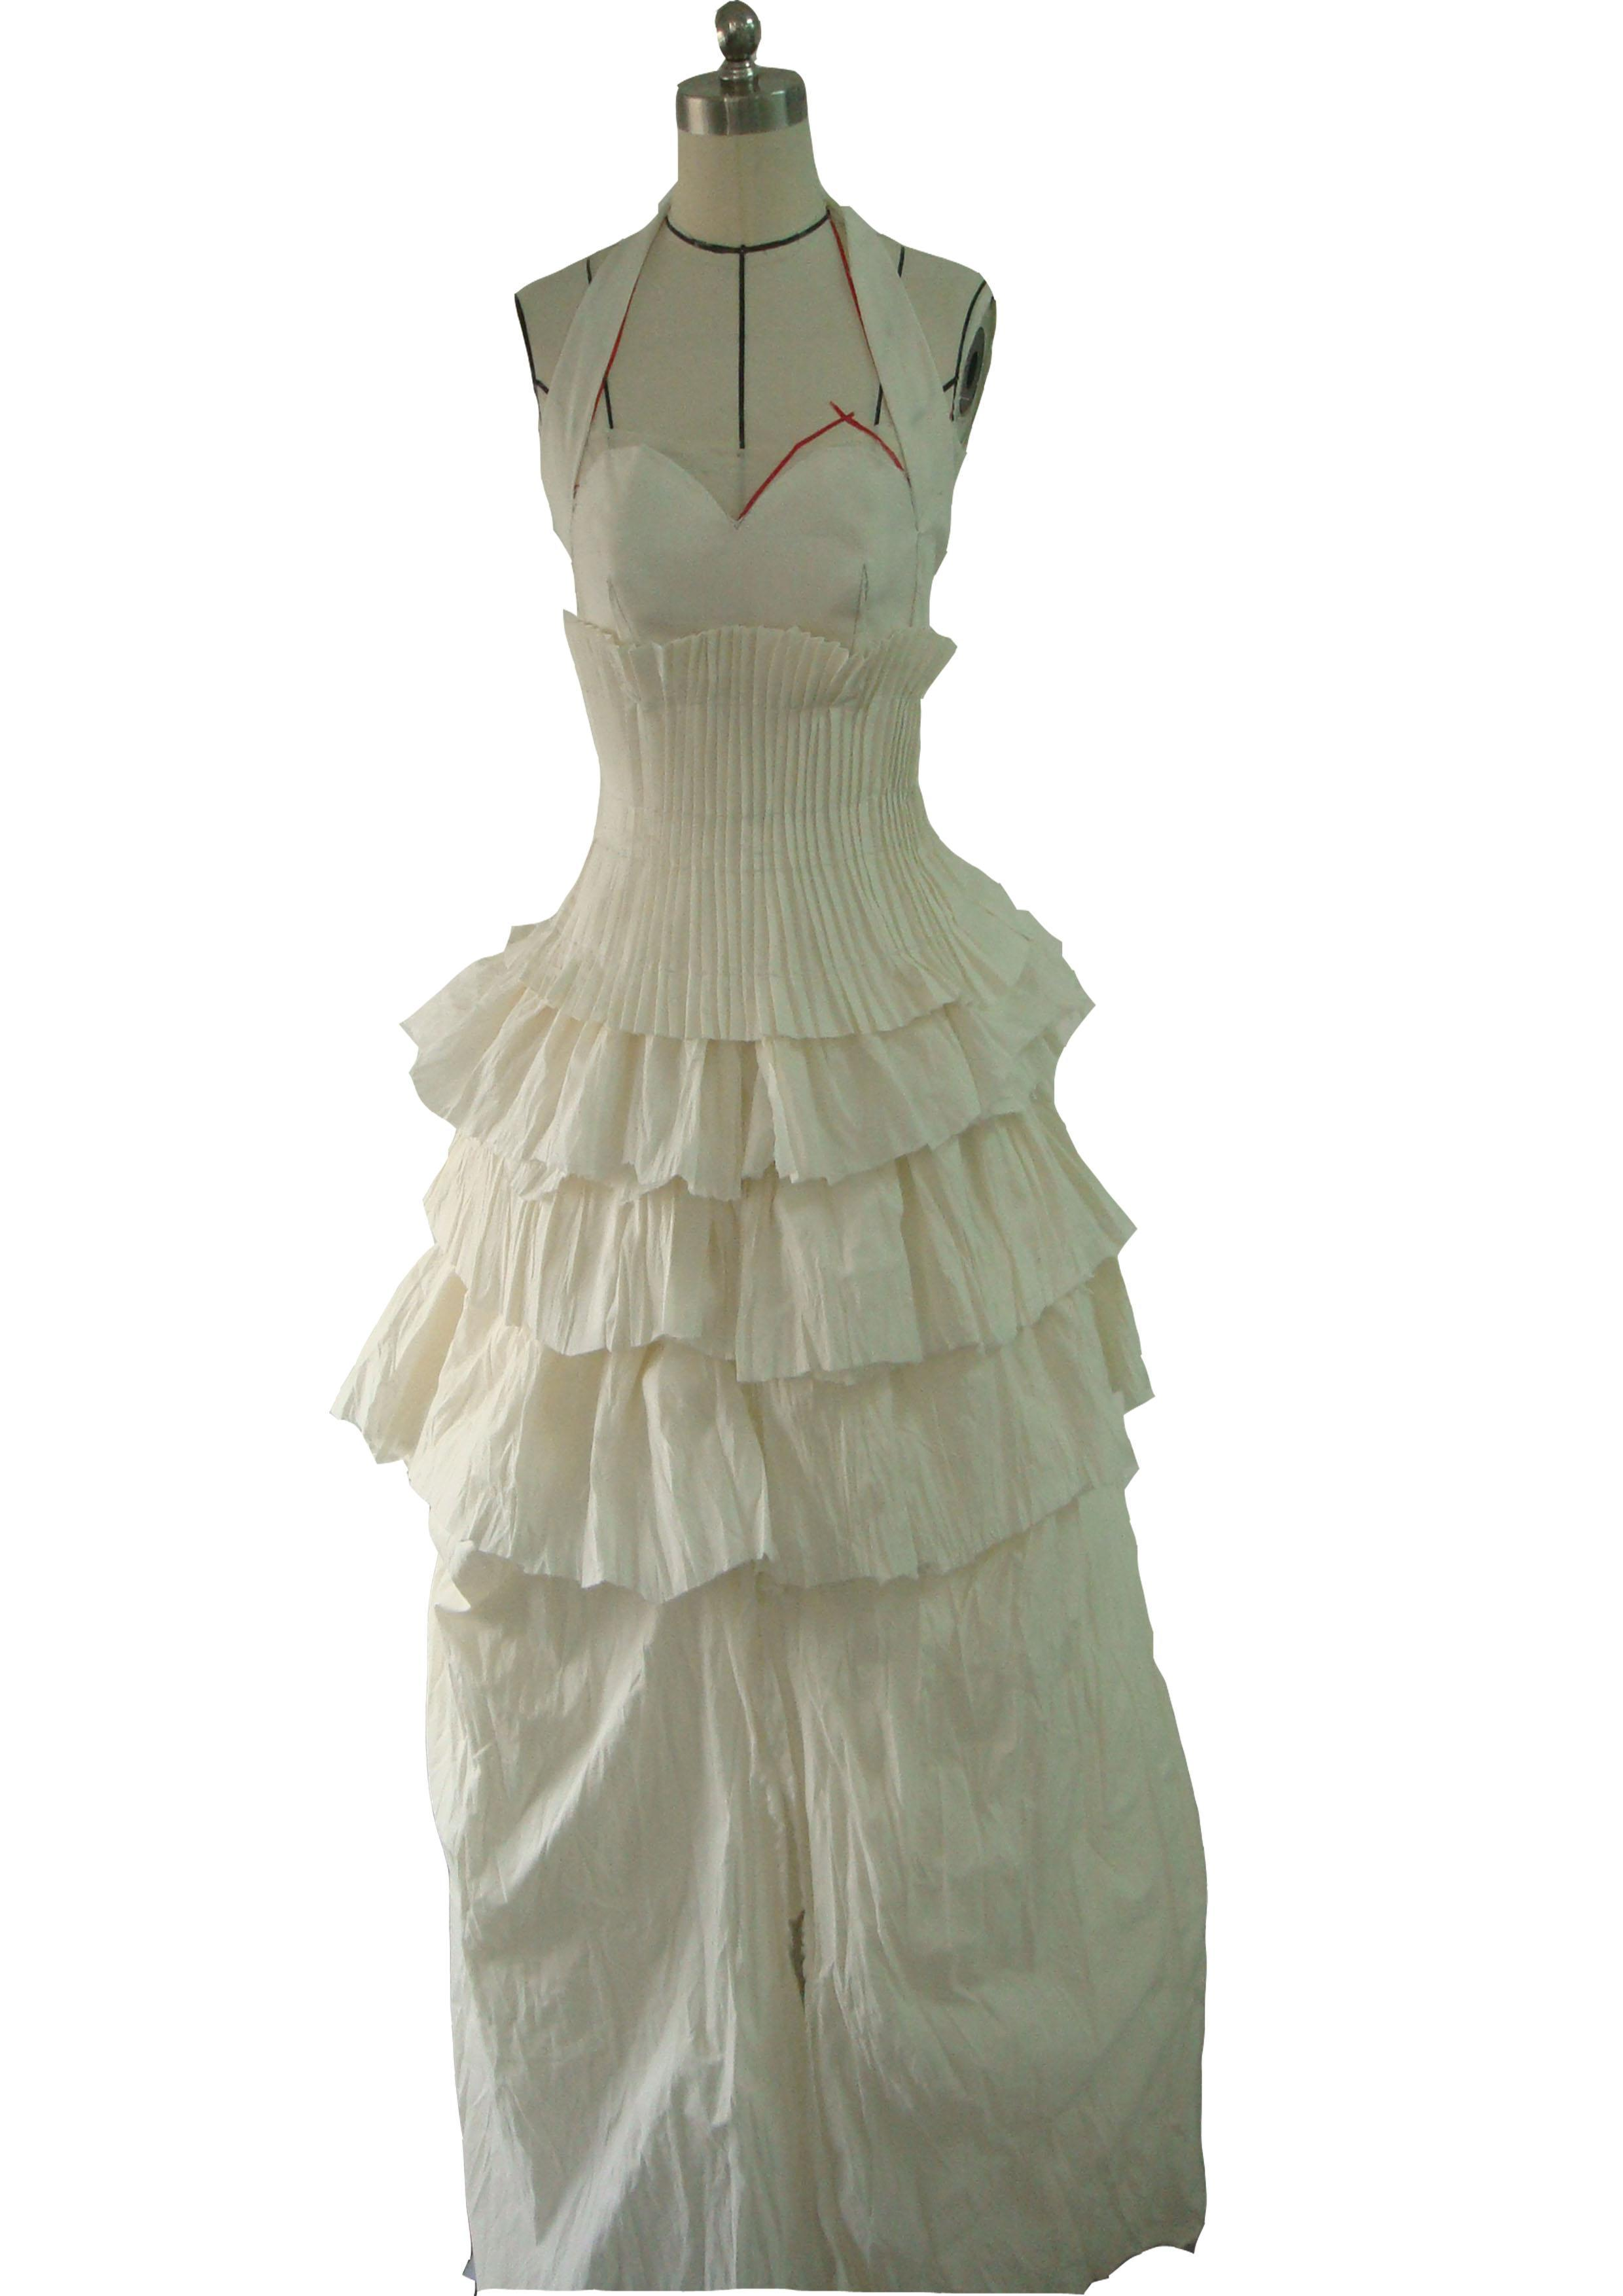 礼服立裁-婚纱礼服设计-服装设计